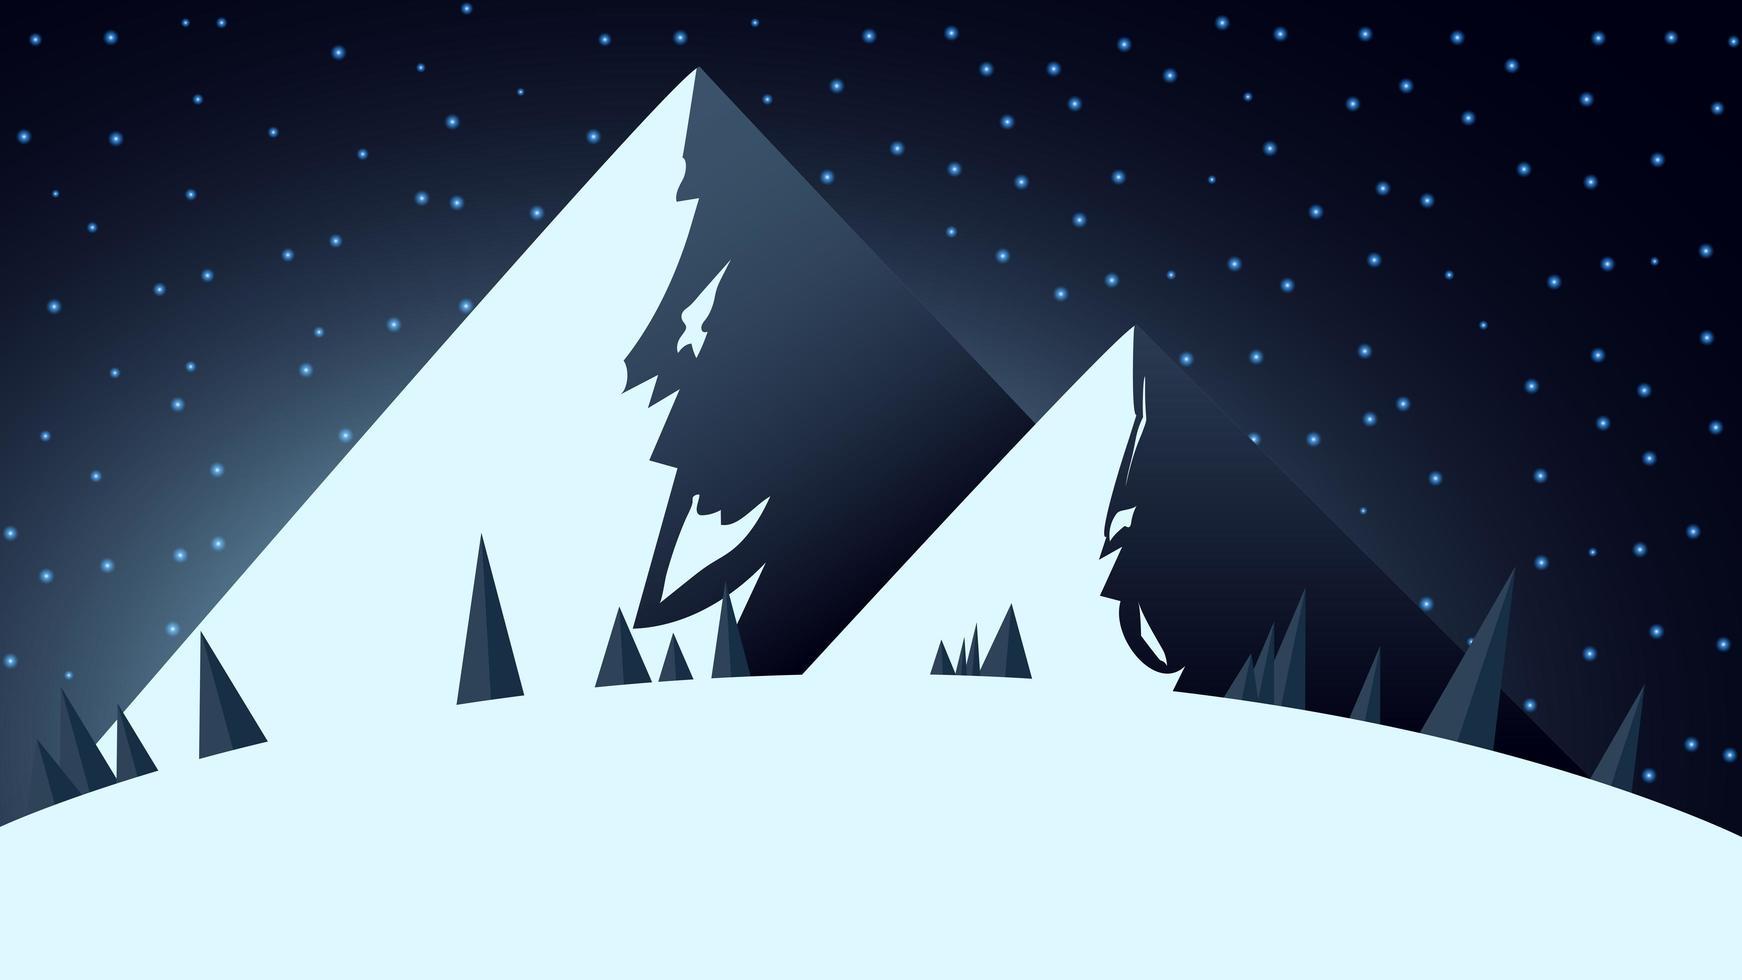 paisagem de inverno com duas grandes montanhas nevadas vetor